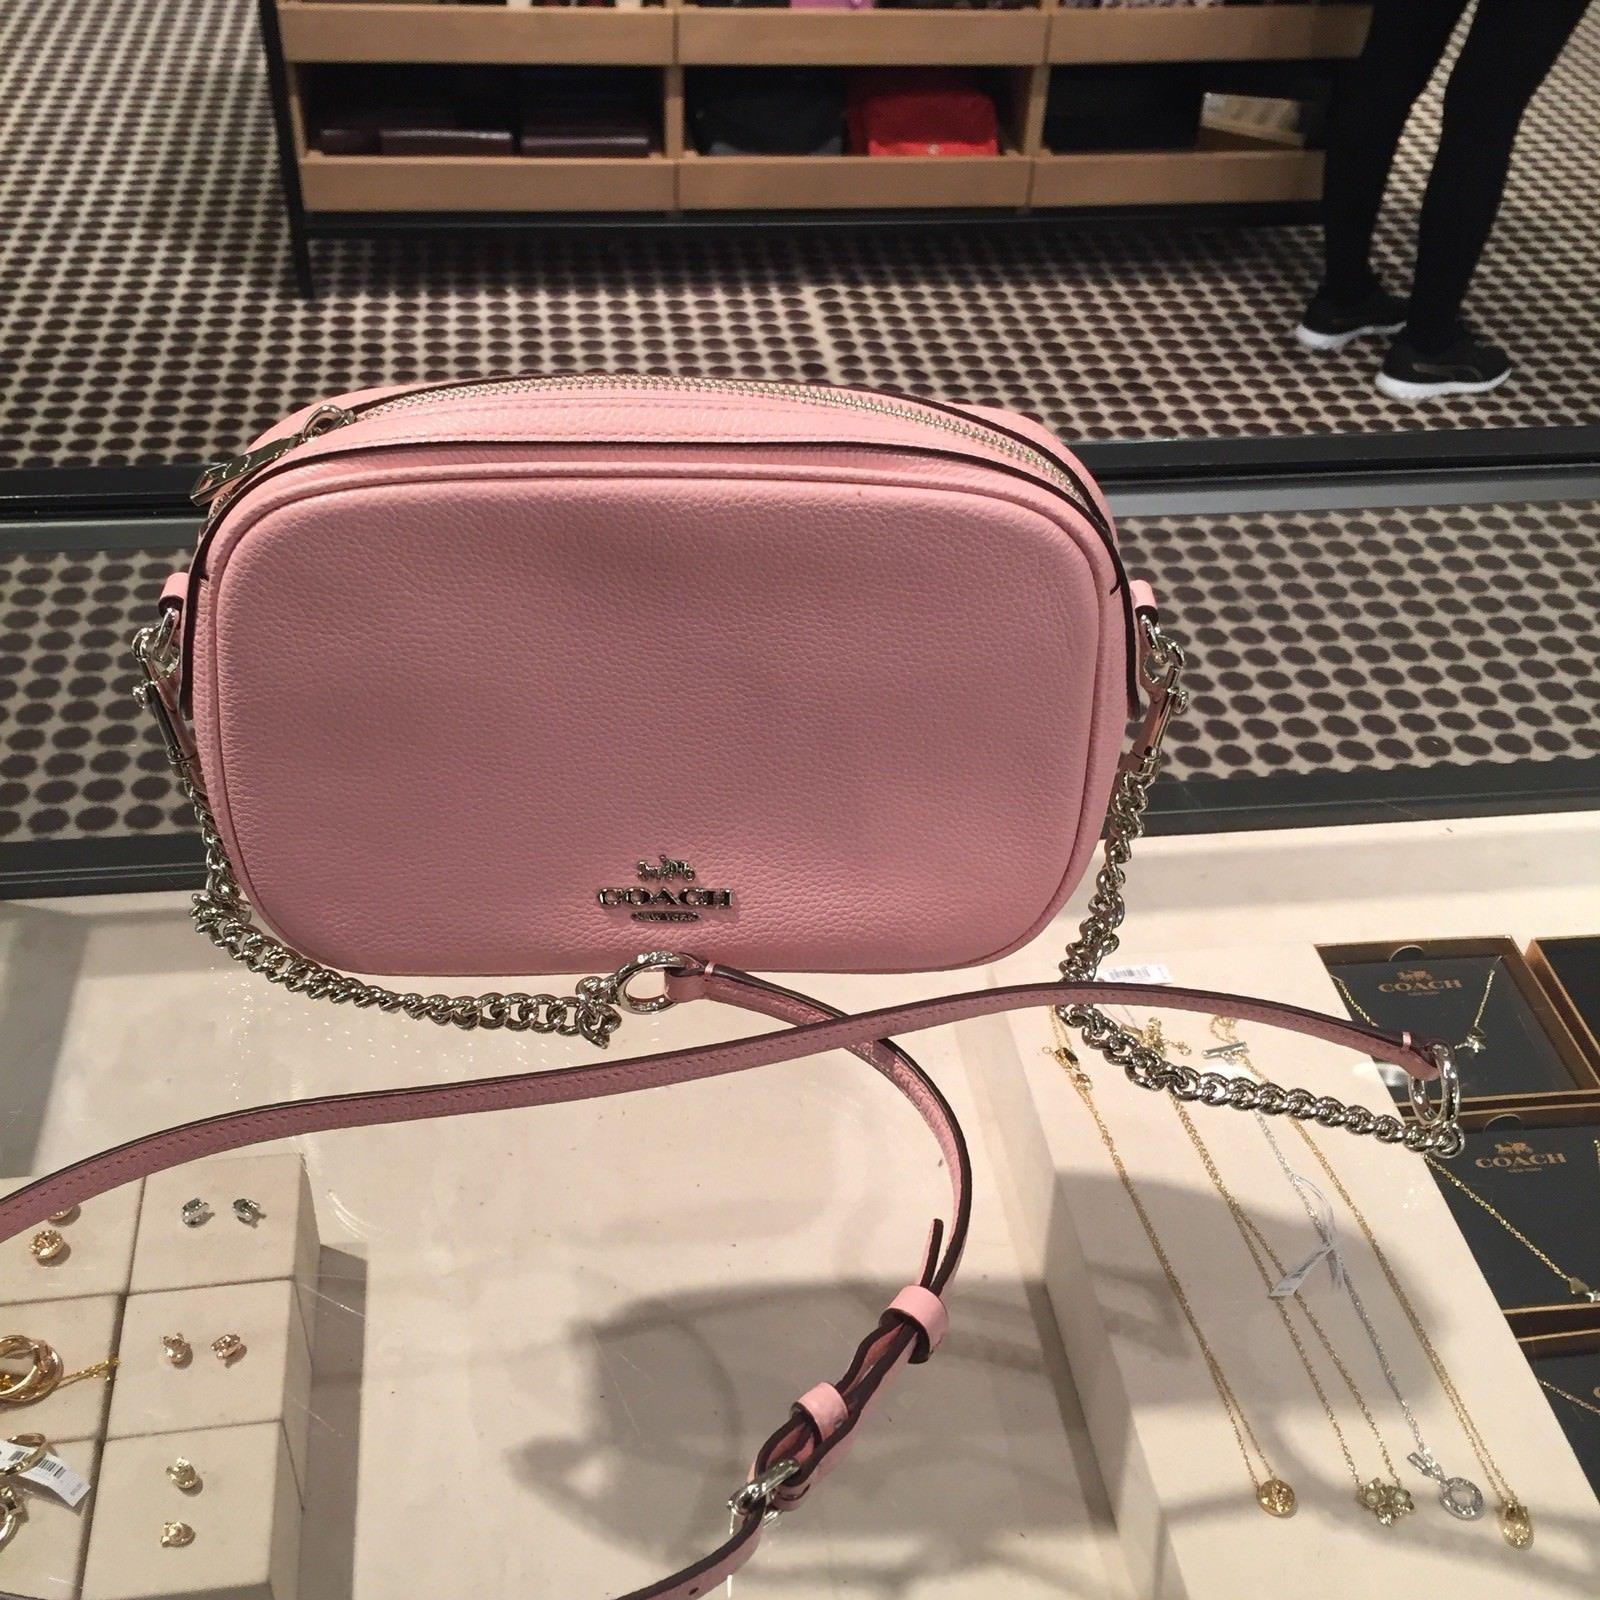 1fdc60528003 S l1600. S l1600. Previous. NWT Coach F25922 Women s Isla Chain Crossbody  Blush Comes With Gift Box